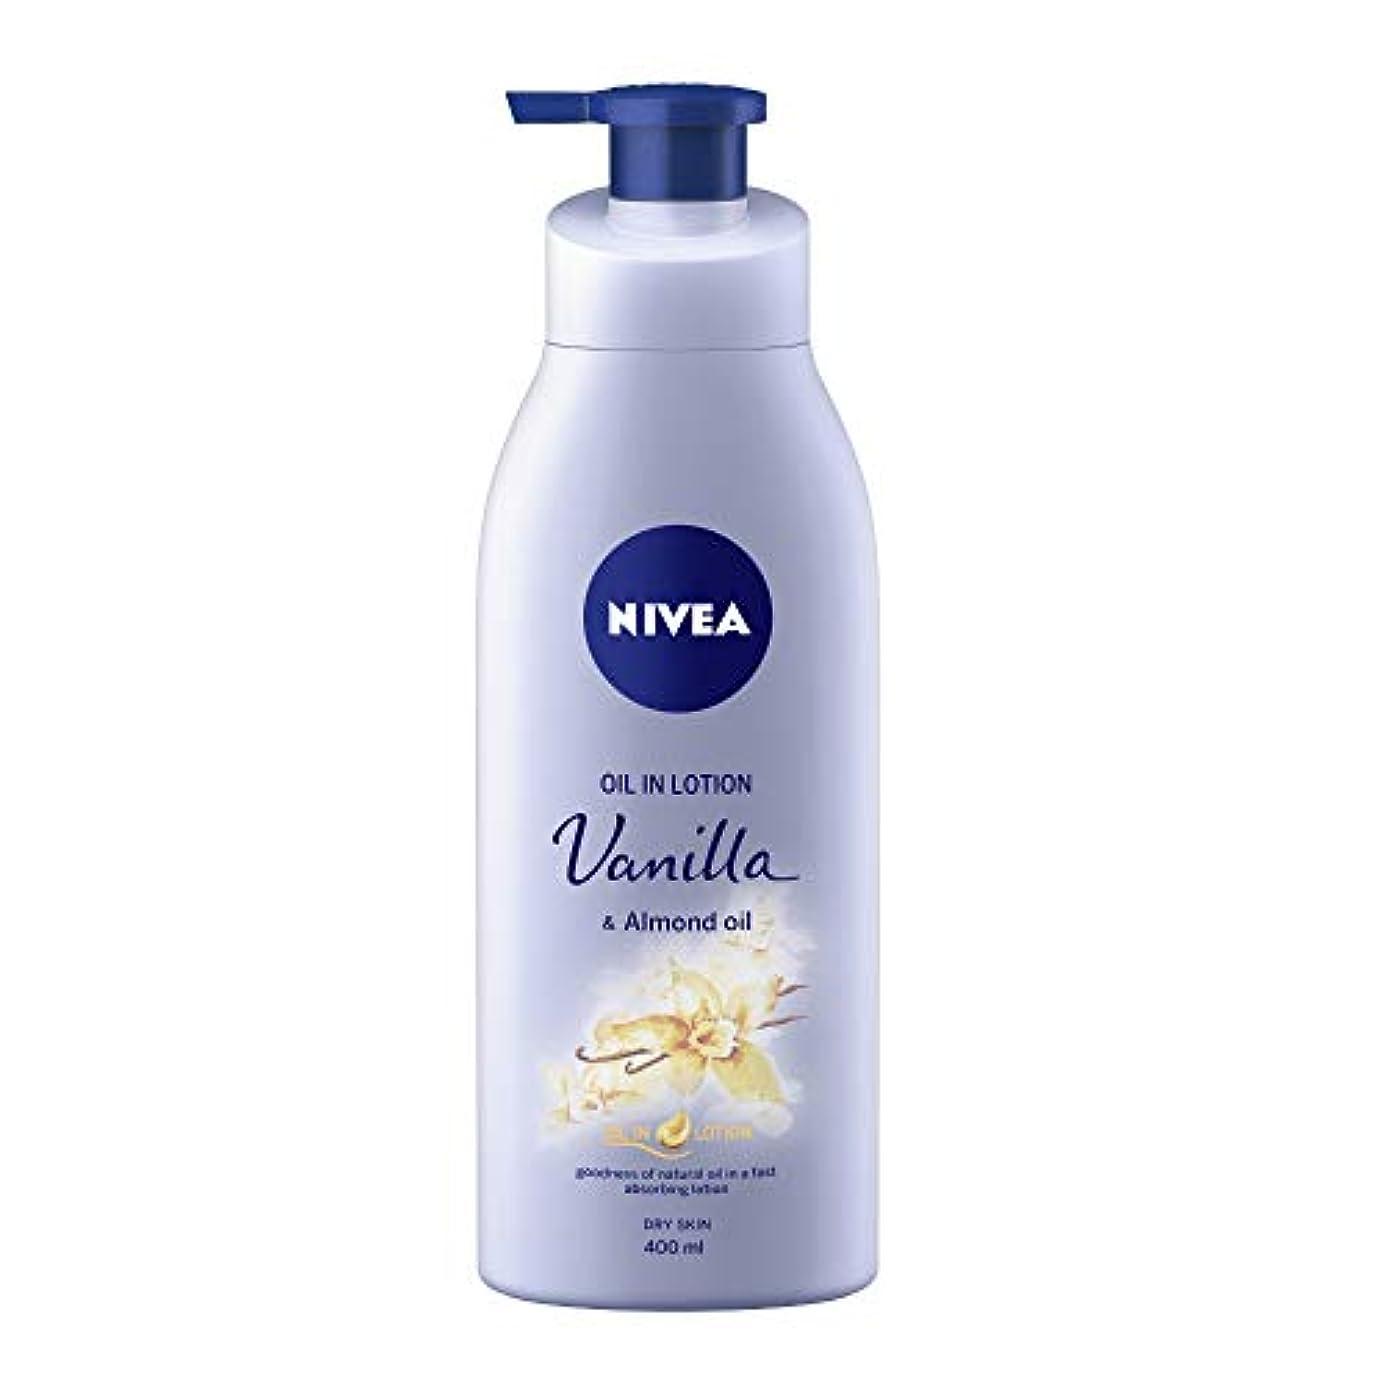 退屈させる少数土曜日NIVEA Oil in Lotion, Vanilla and Almond Oil, 400ml